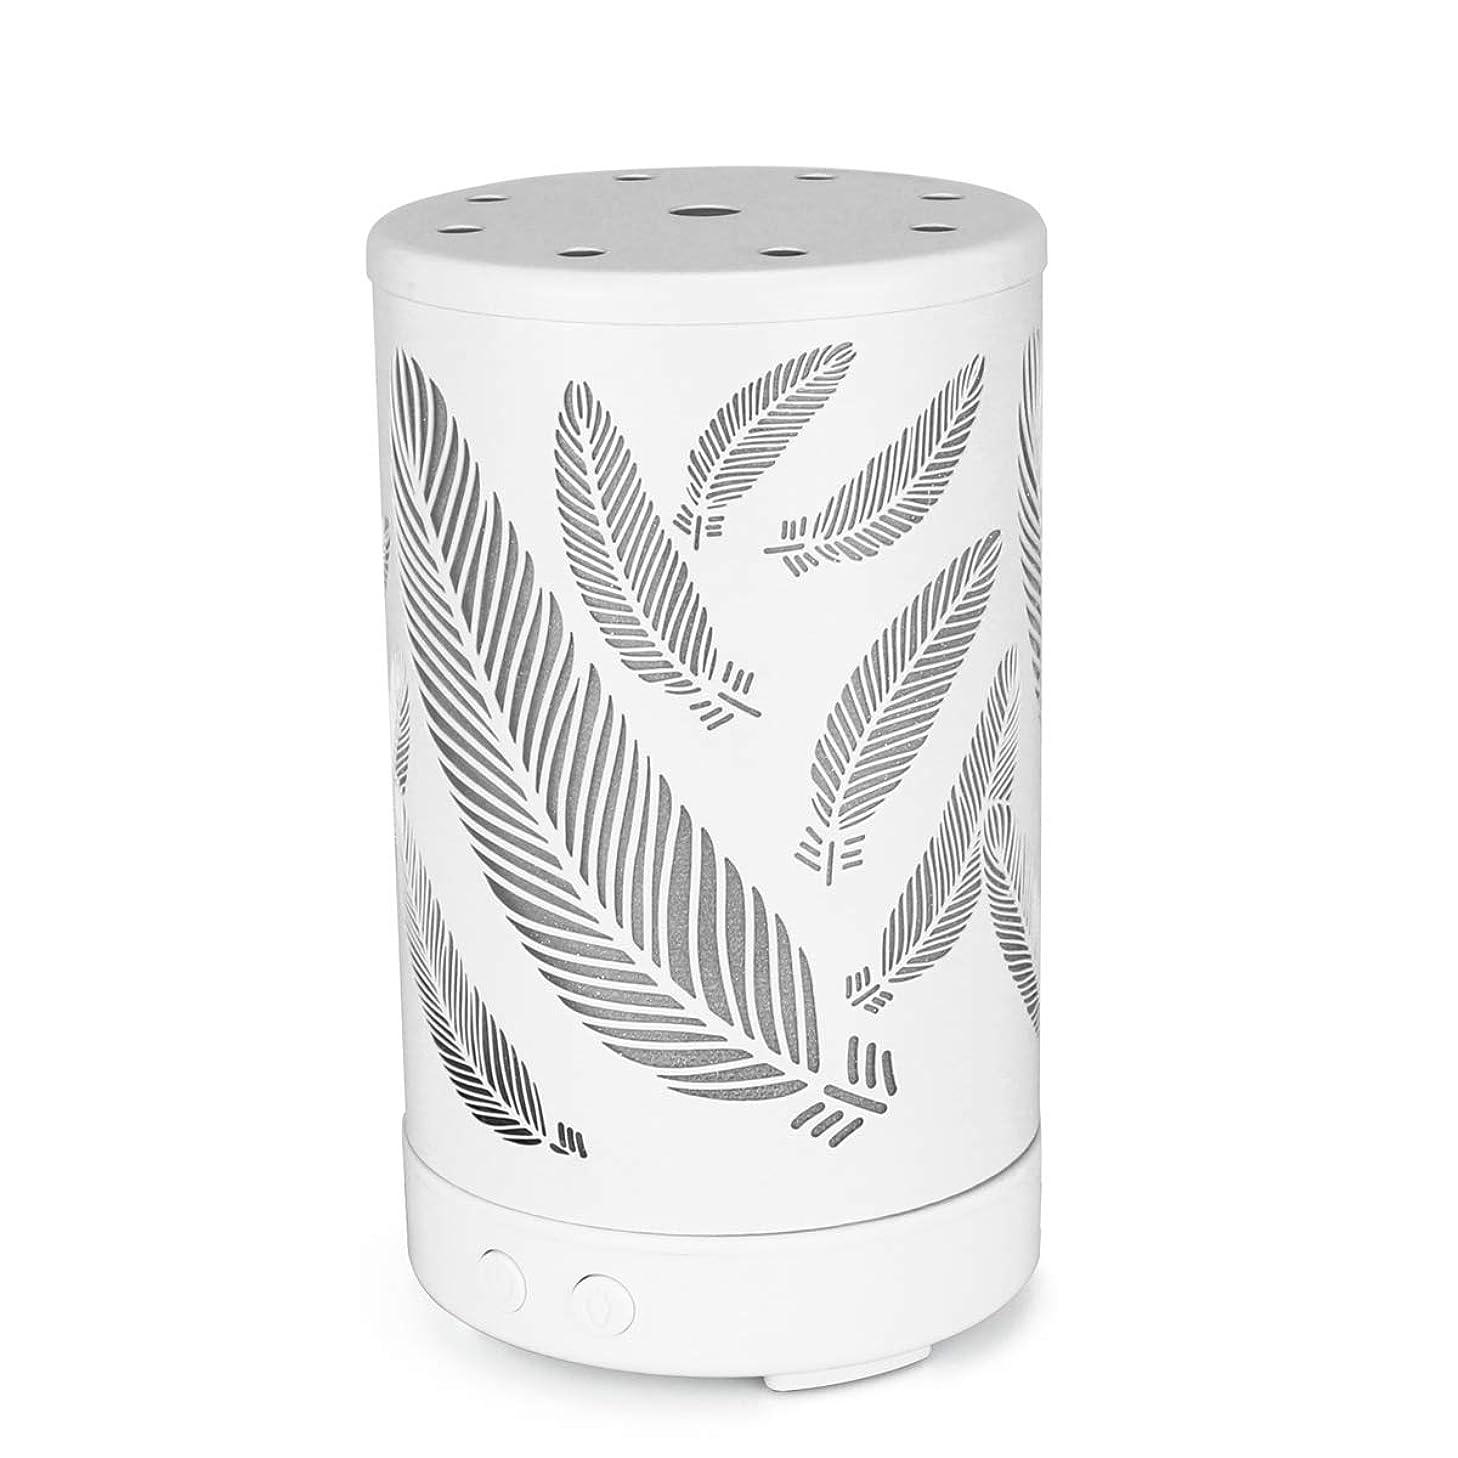 ミニチュア効果的キラウエア山エッセンシャルオイルディフューザー、7つのカラフルなLEDライトの調節可能なミストモード(葉)と金属アロマセラピーディフューザー